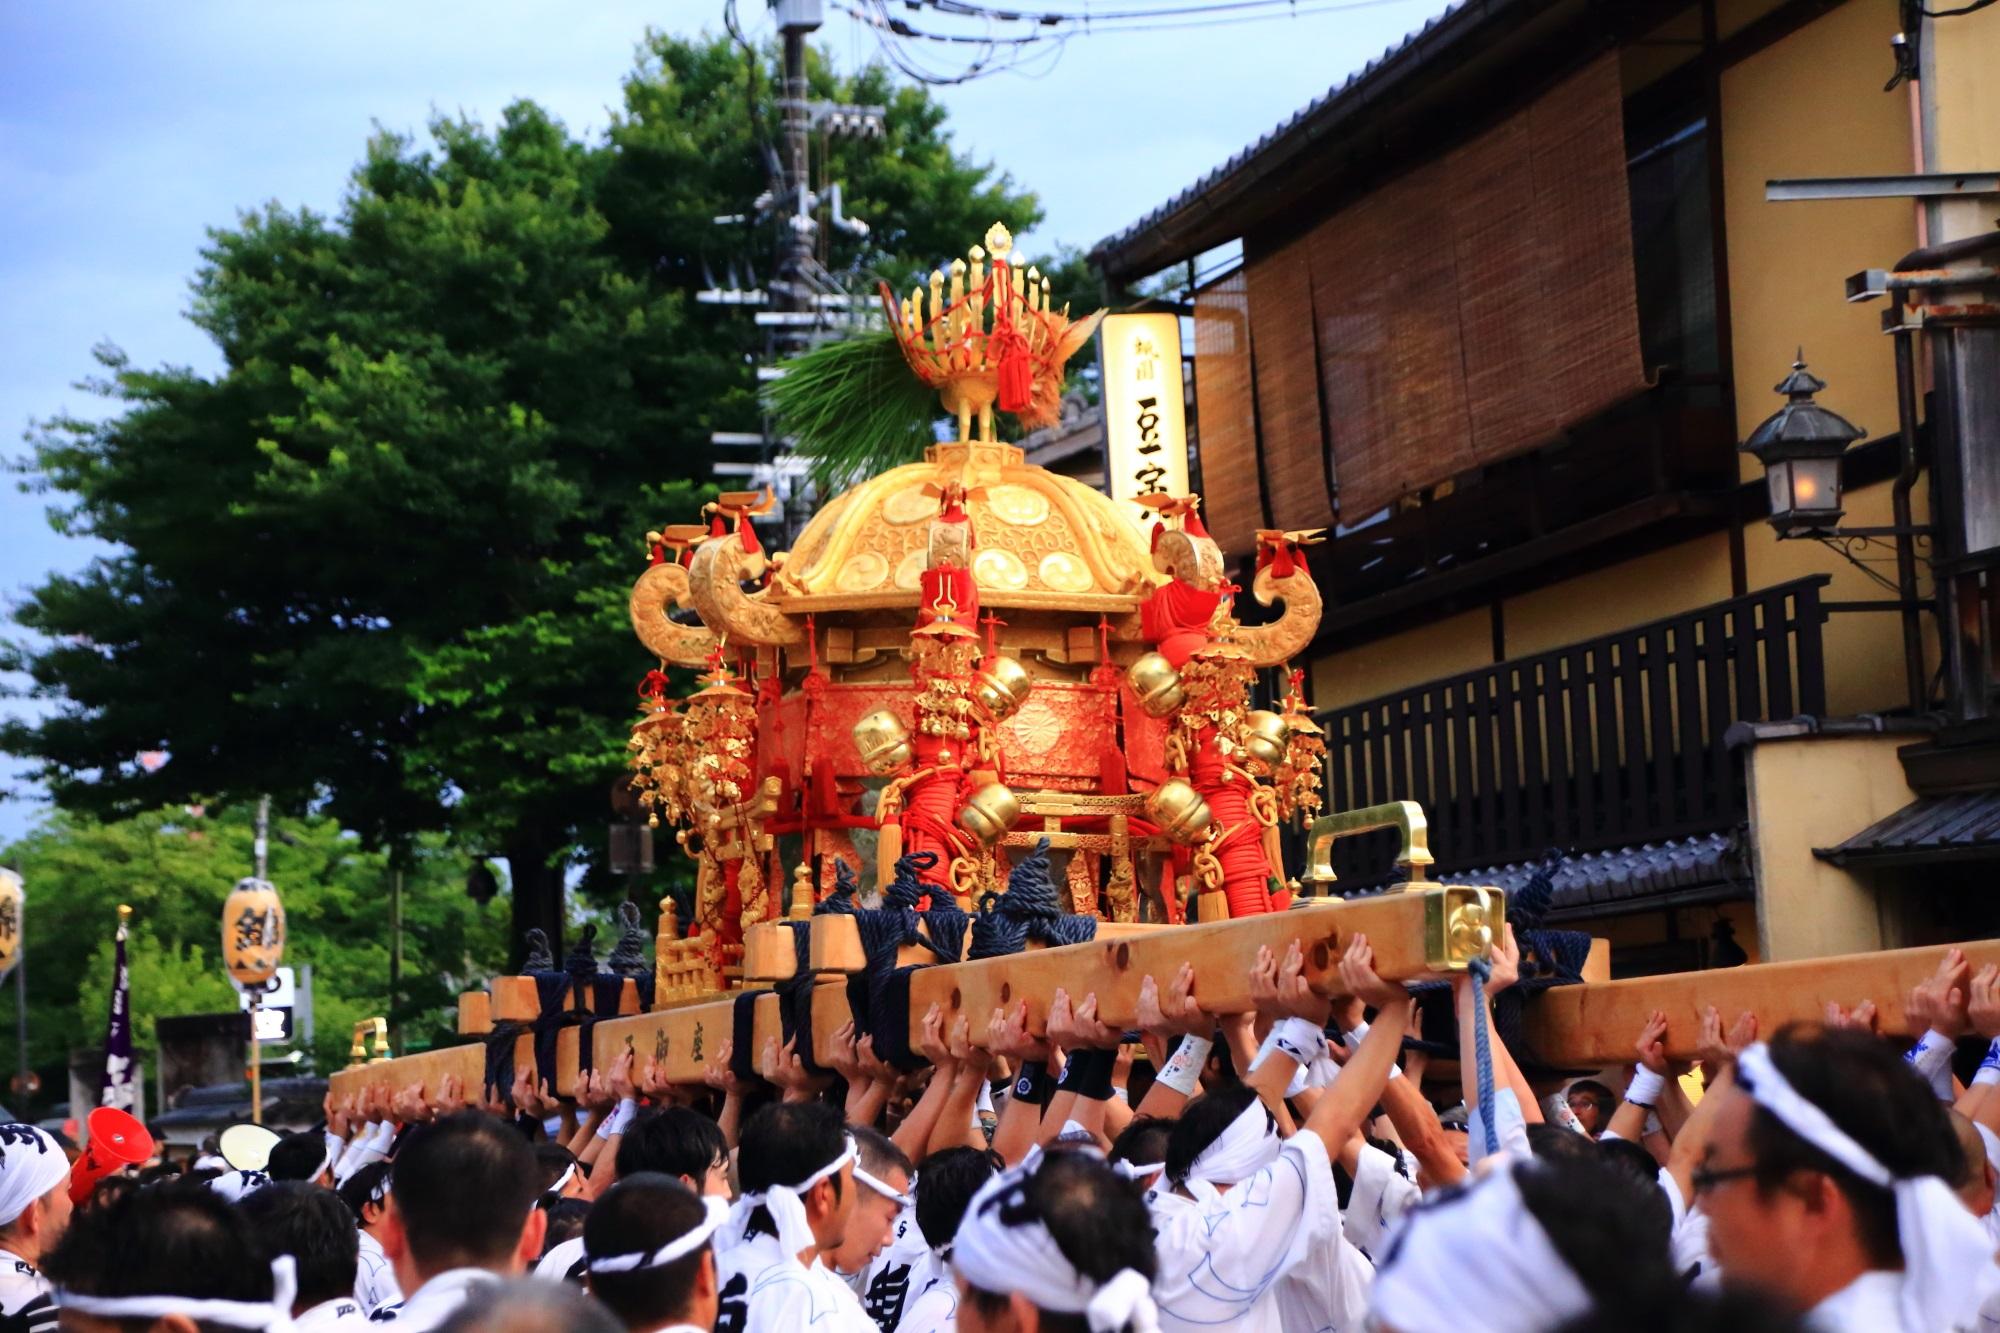 京都三大祭の祇園祭の神輿渡御(みこしとぎょ)